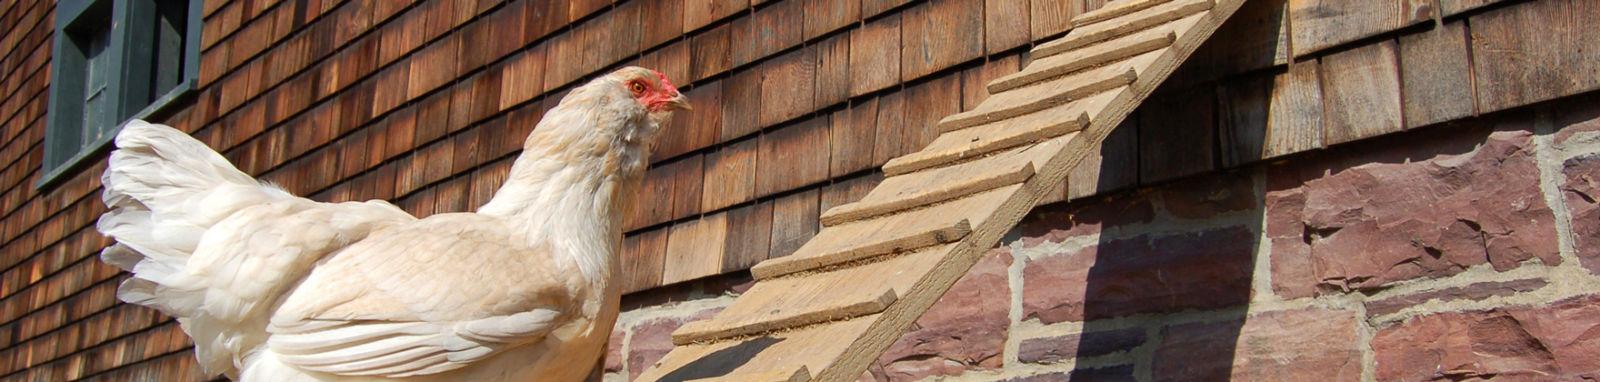 chicken on a ramp